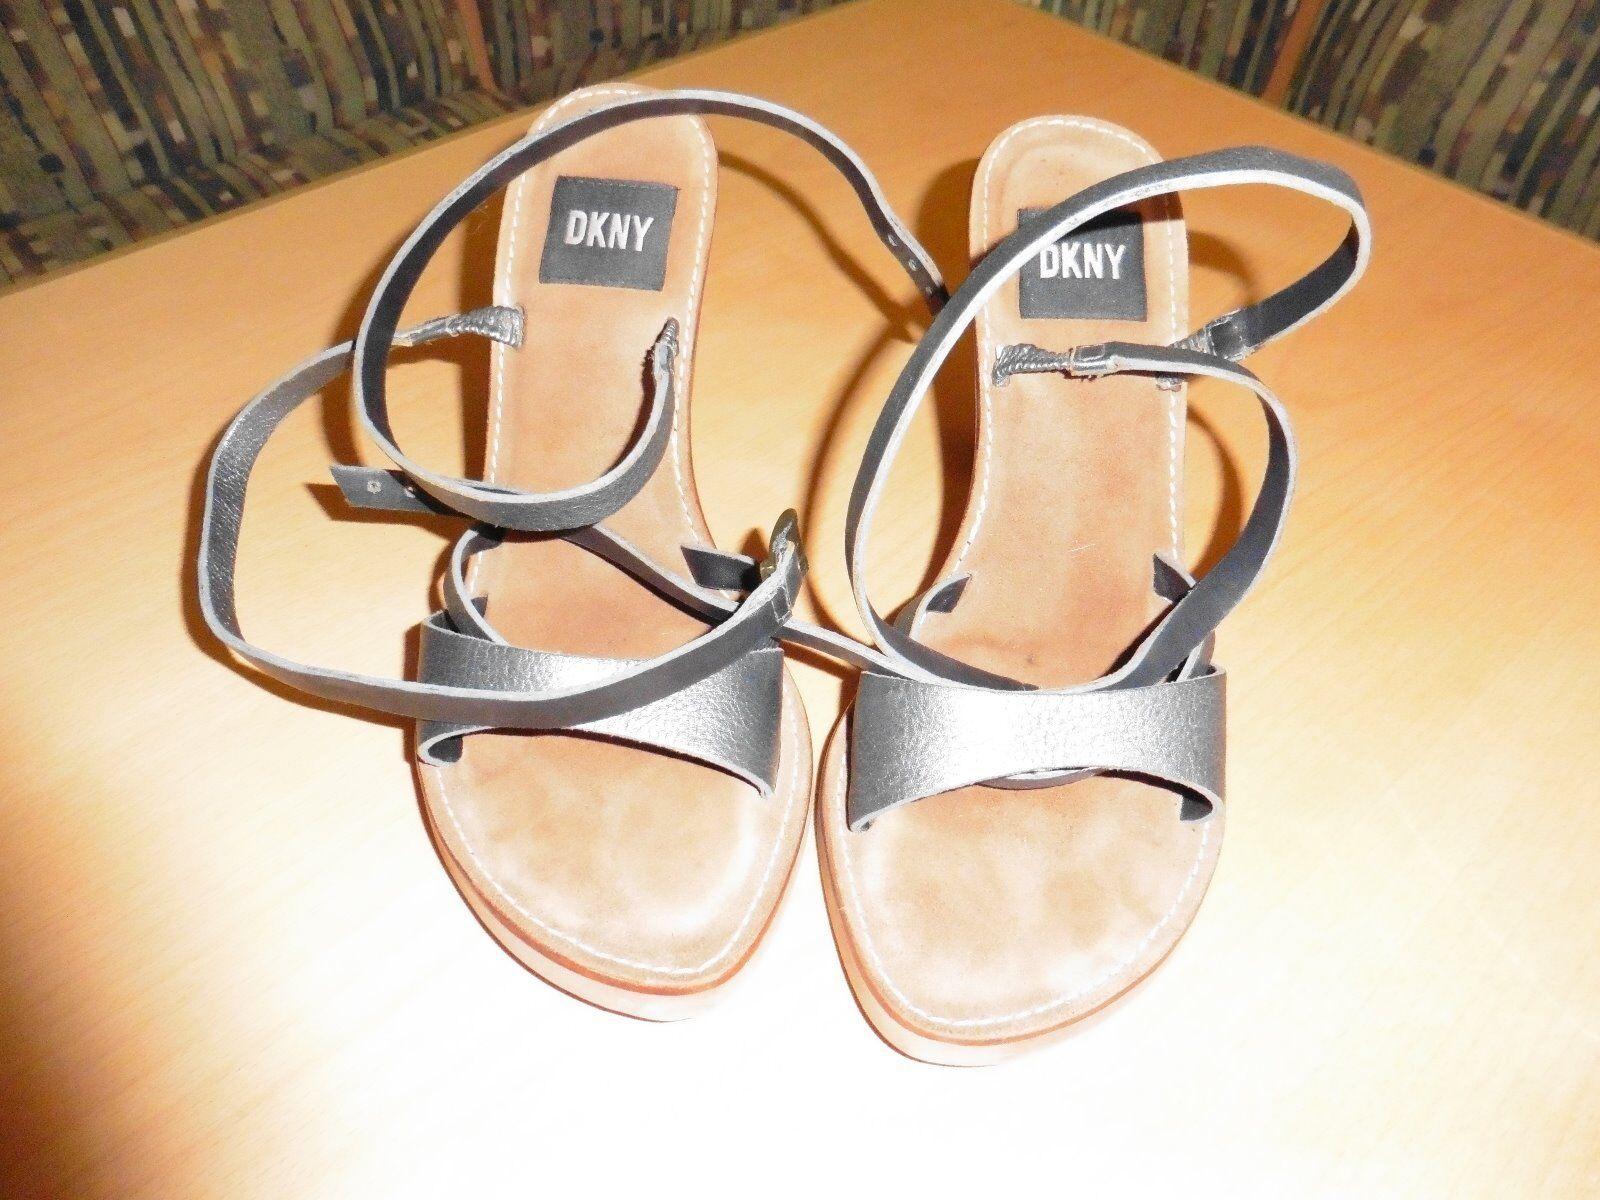 Biete Sandale bzw. High-Heels von DKNY in der Größe 38 an